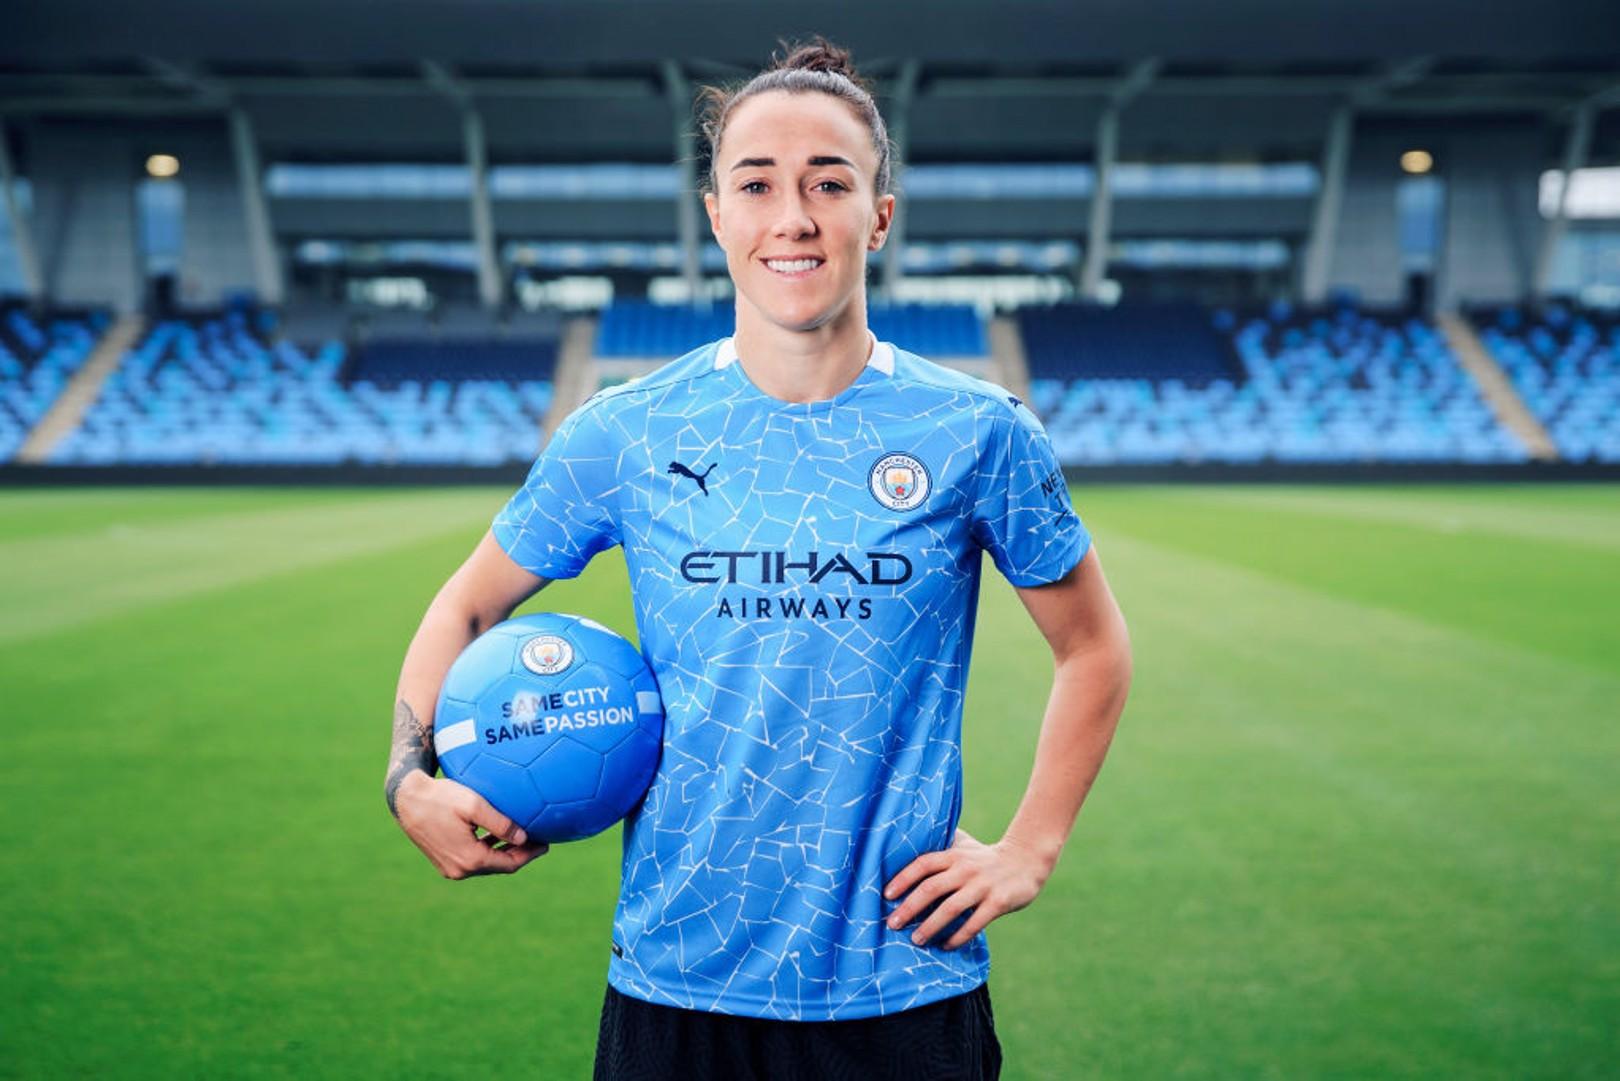 UEFA 올해의 여자 선수 후보에 오른 브론즈